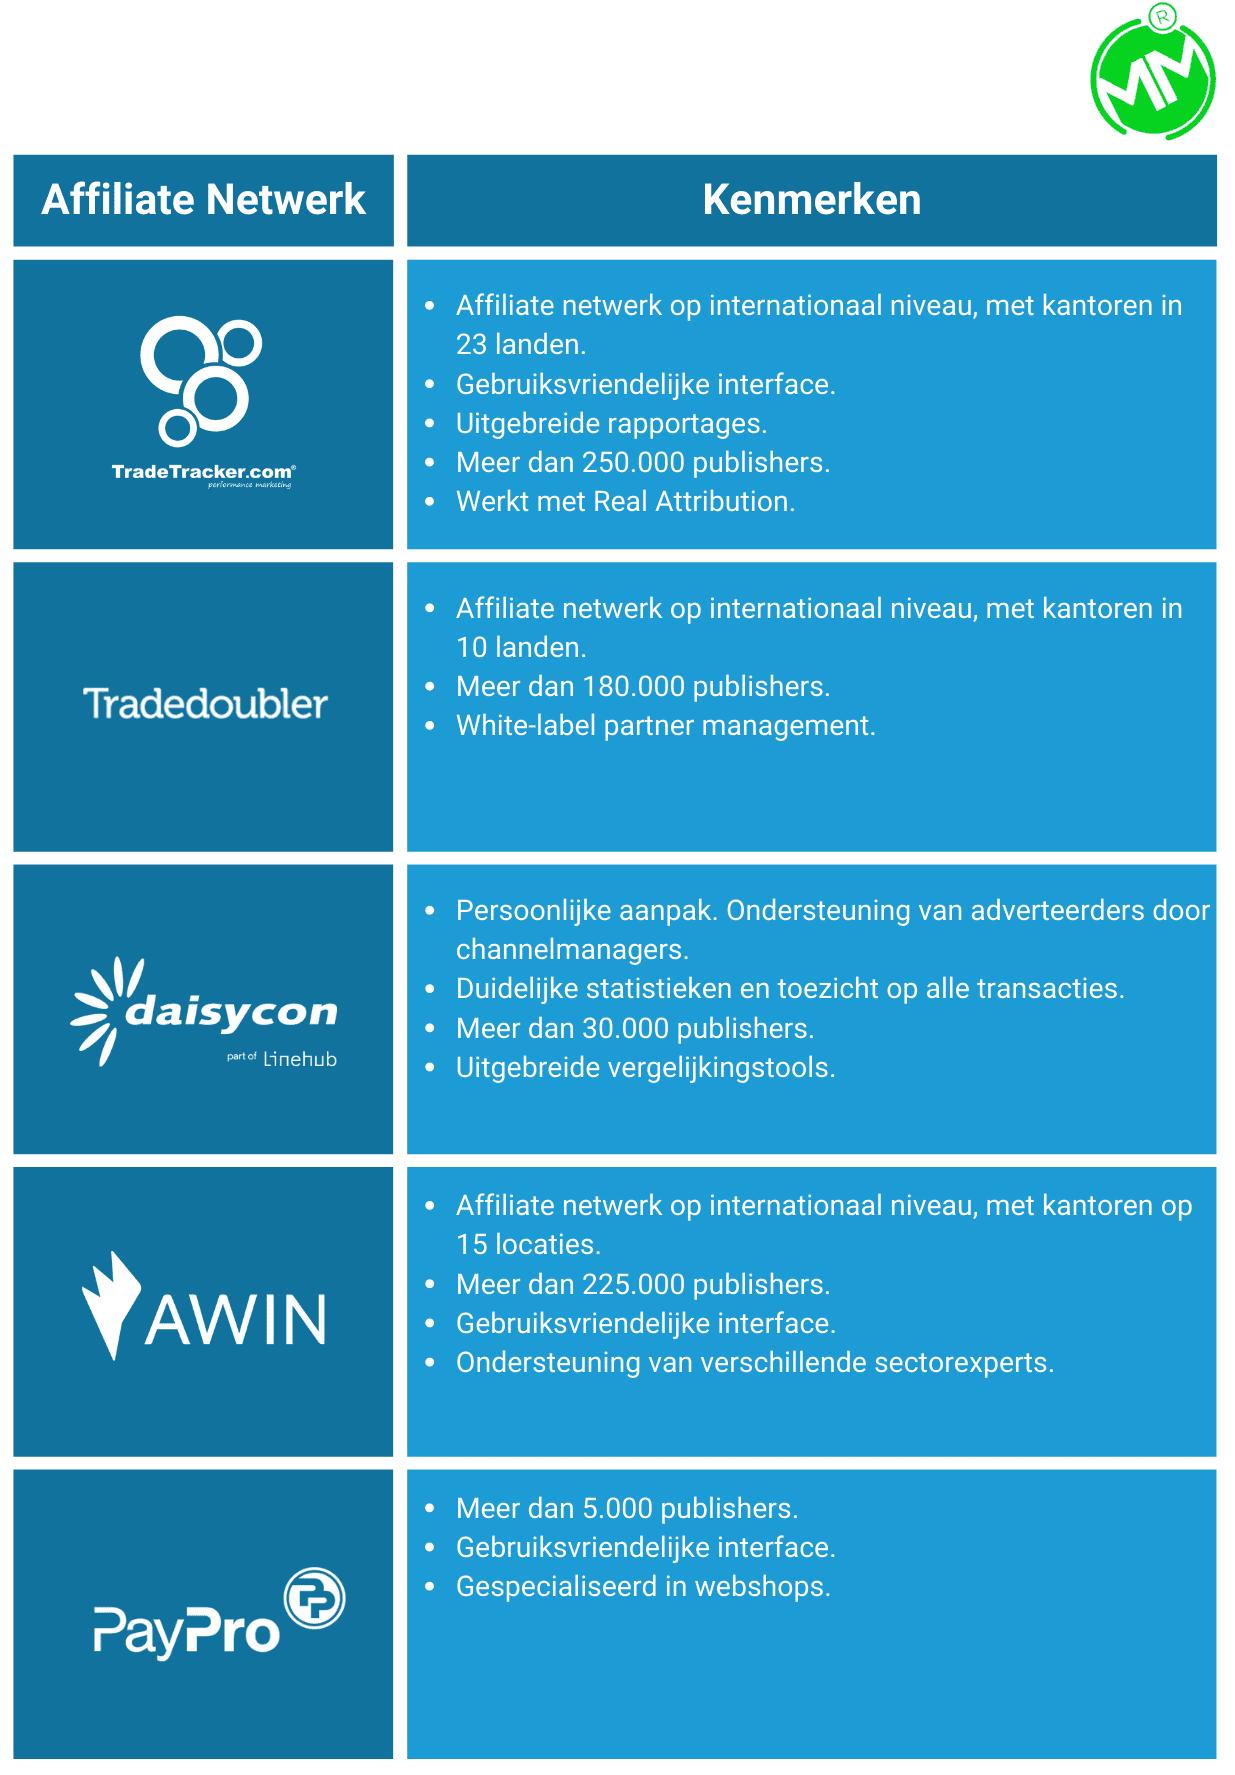 De bekendste affiliate-netwerken met voor- en nadelen.